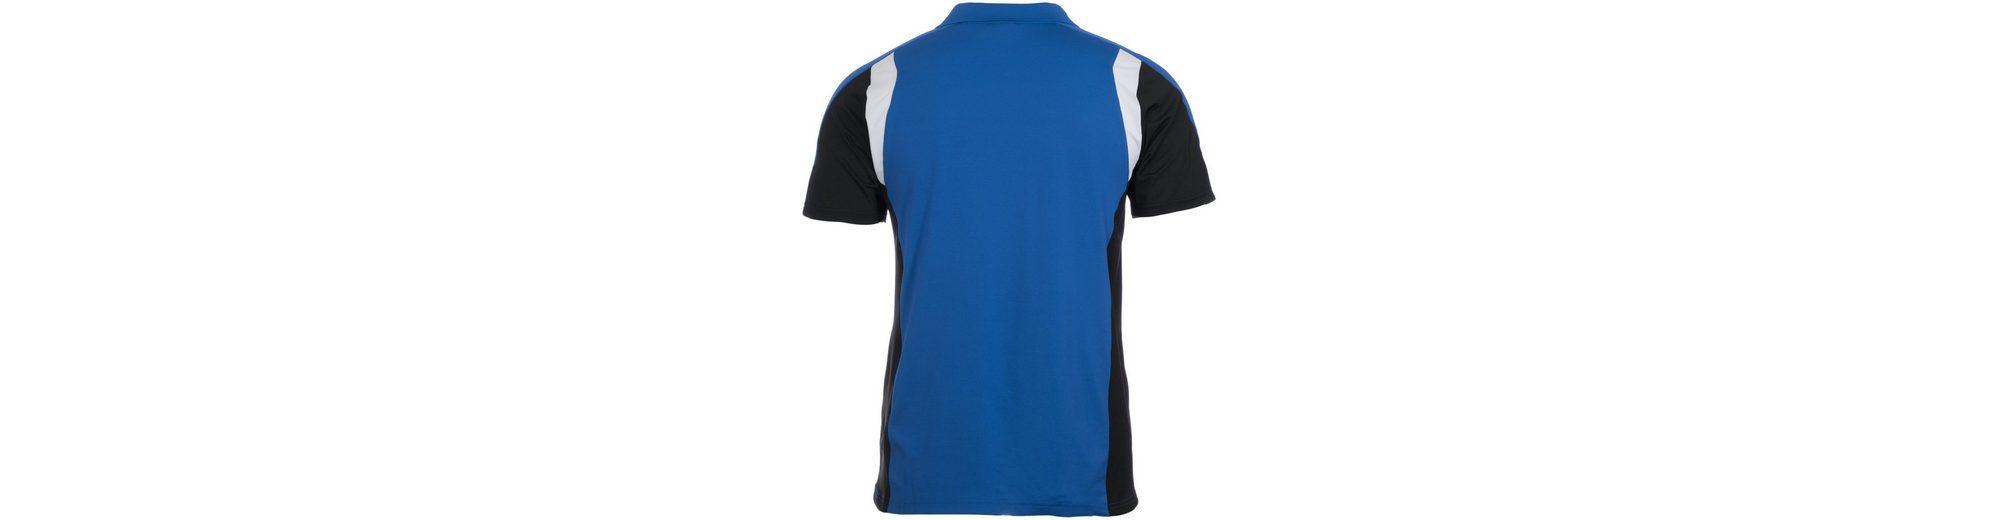 Rabatt-Angebote ERIMA Premium One Poloshirt Herren Limit Rabatt Auslass Offiziellen Für Schöne Online j9ru1rUzH